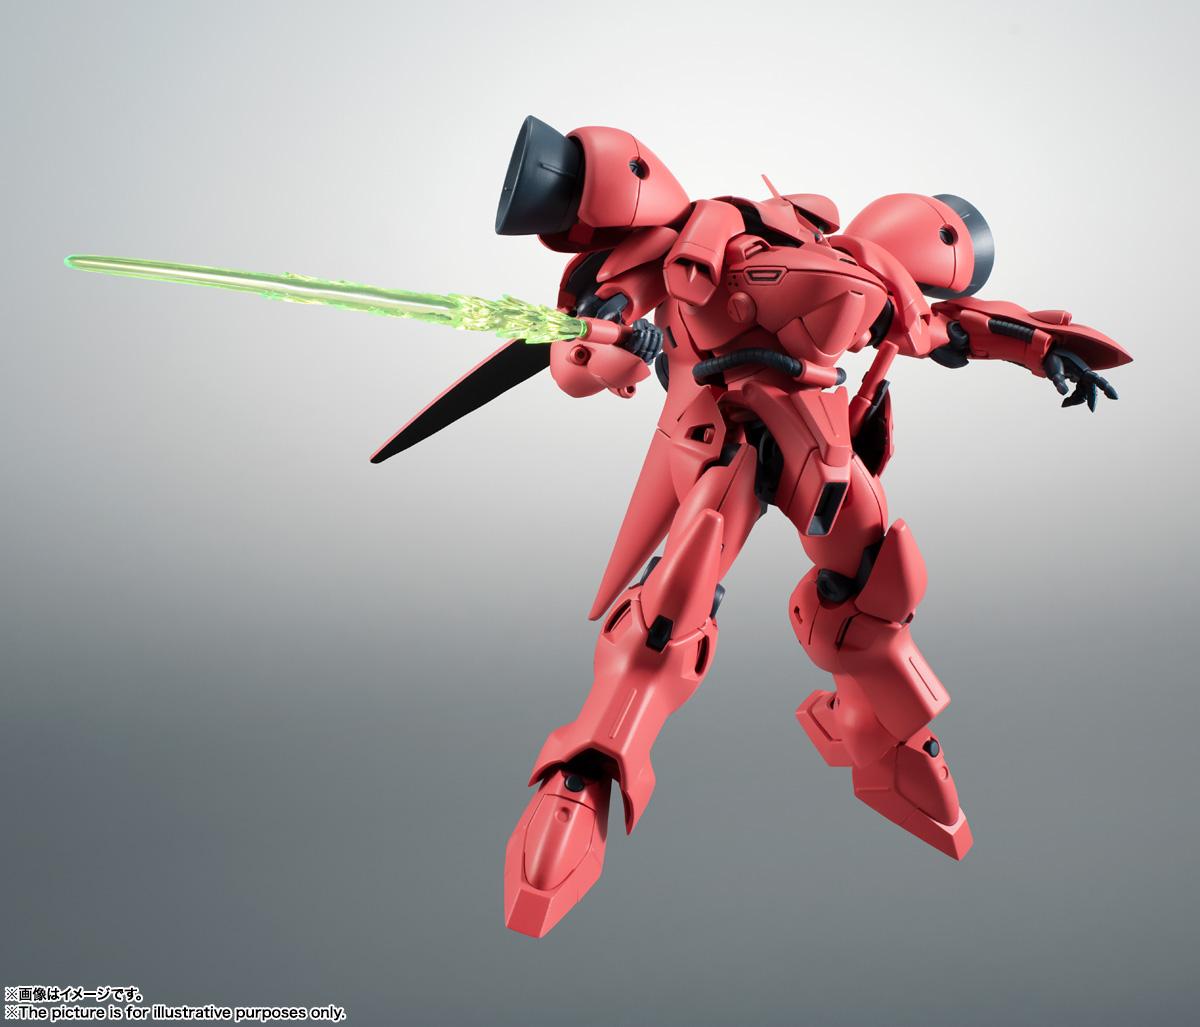 ROBOT魂〈SIDE MS〉『AGX-04 ガーベラ・テトラ ver. A.N.I.M.E.』機動戦士ガンダム0083 可動フィギュア-006